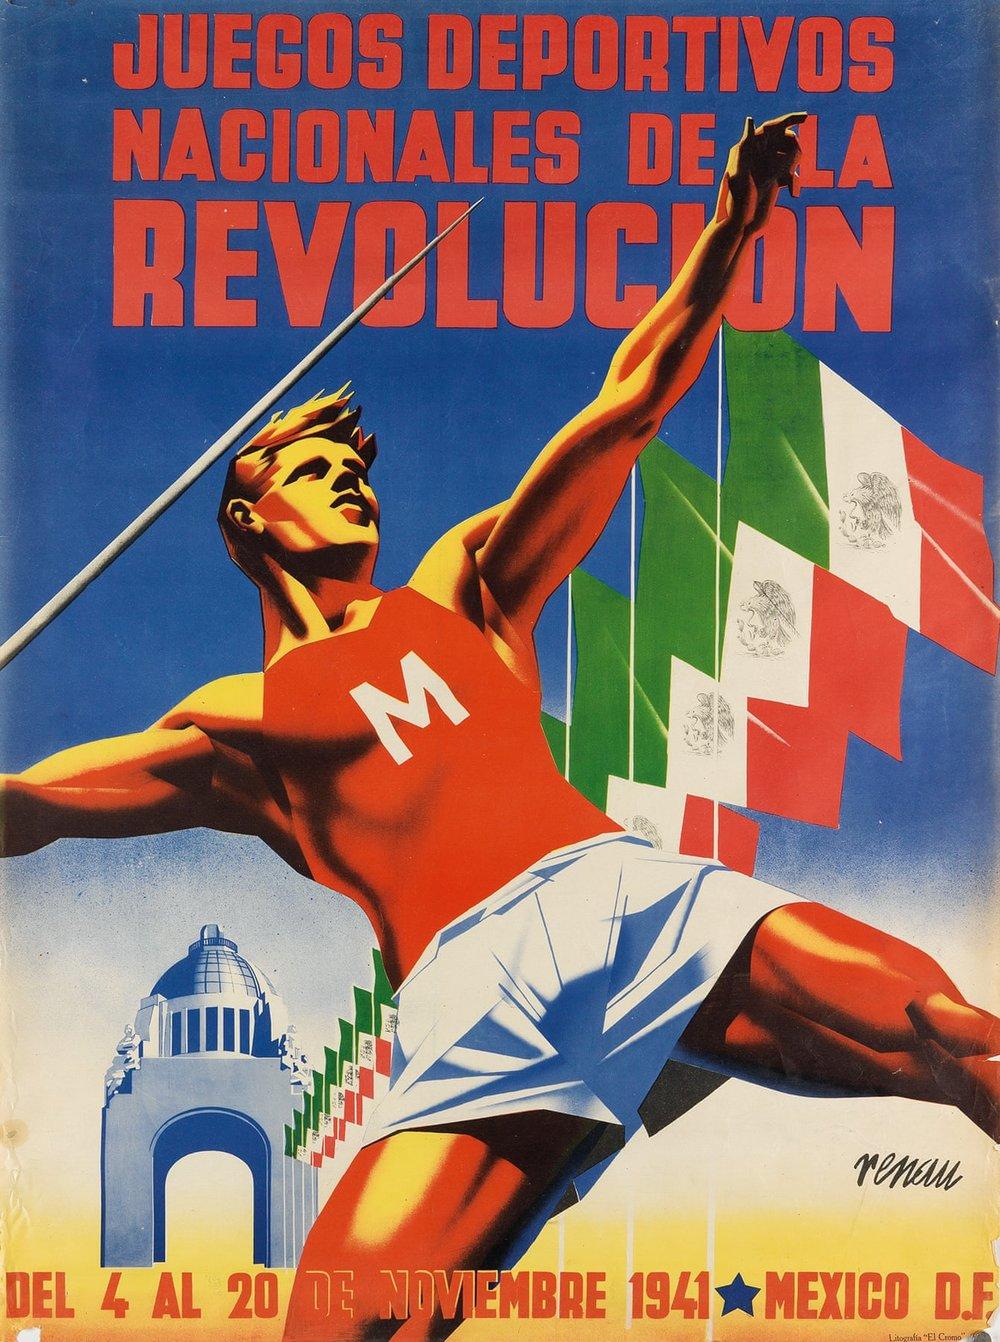 Хосеп Ренау Монторо, 1941